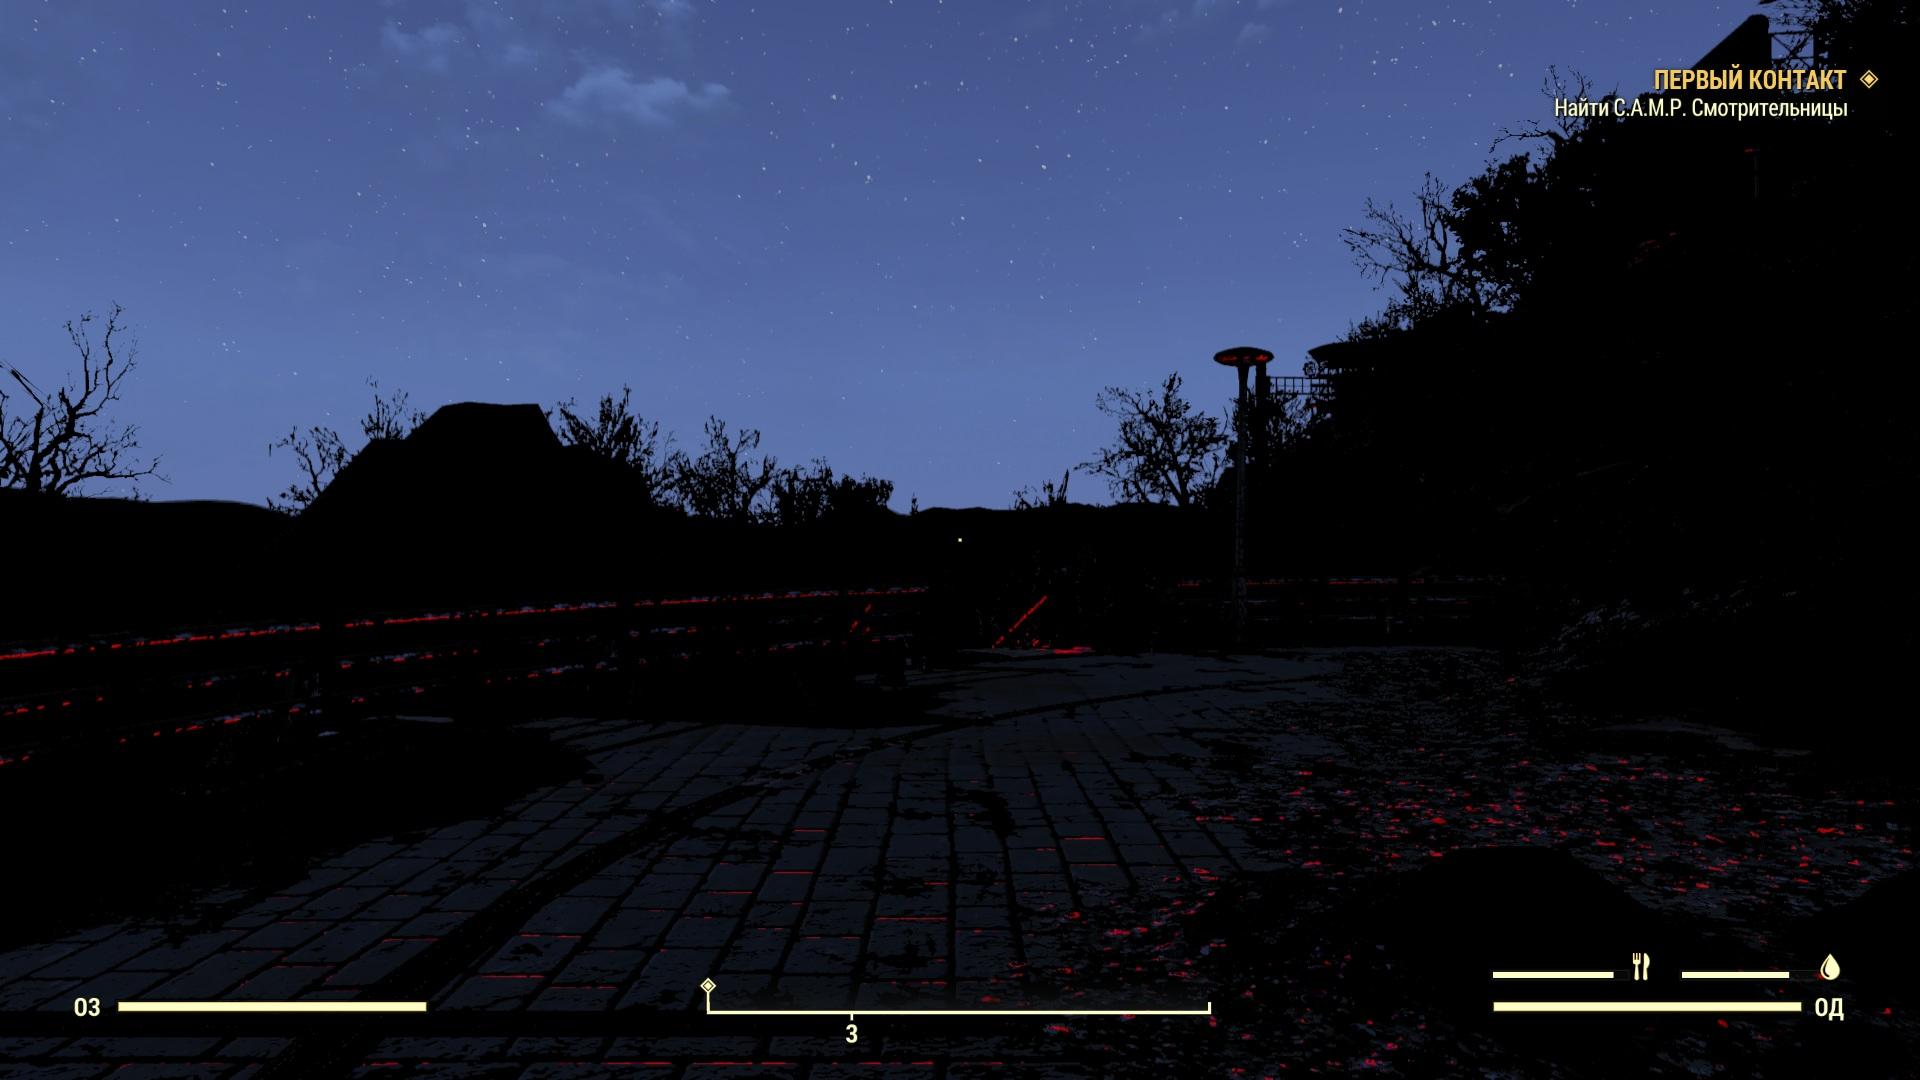 Что с графонием? У кого-то было такое? Как лечить? Настройки видео как только не крутил - Fallout 76